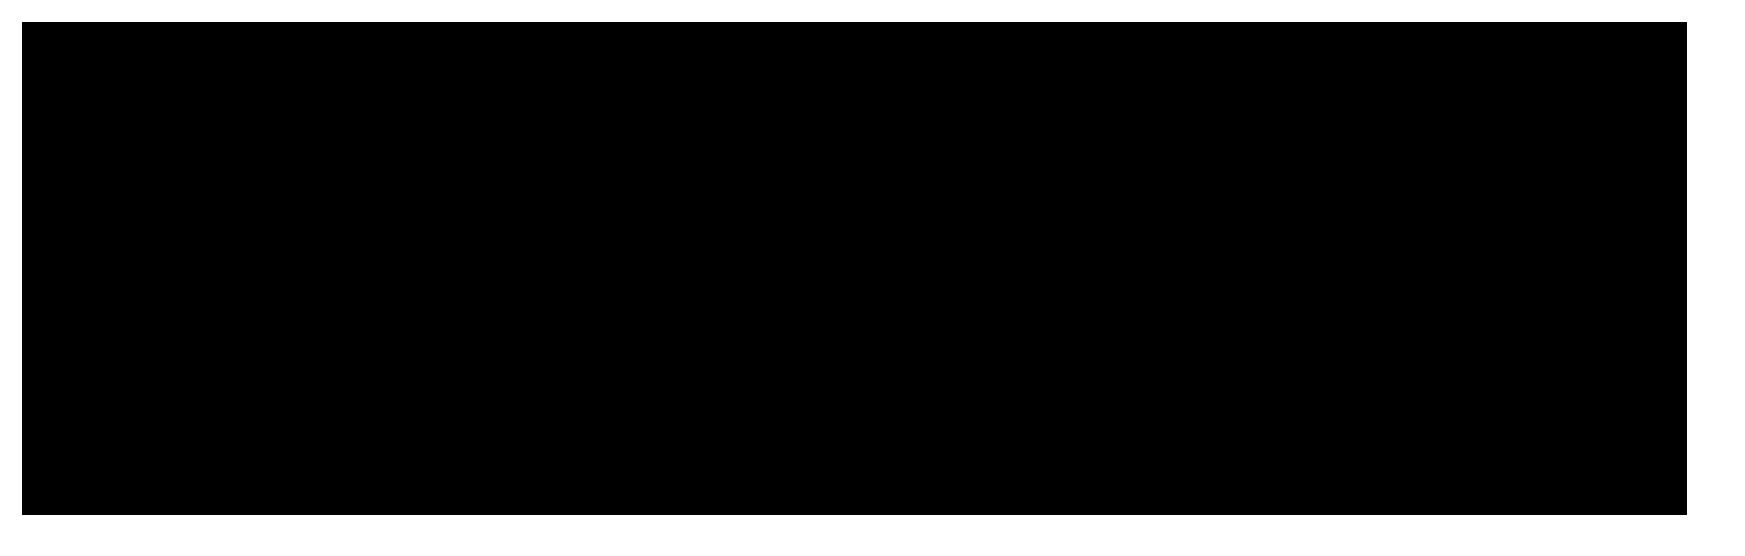 Police de caractère utilisée pour le logo